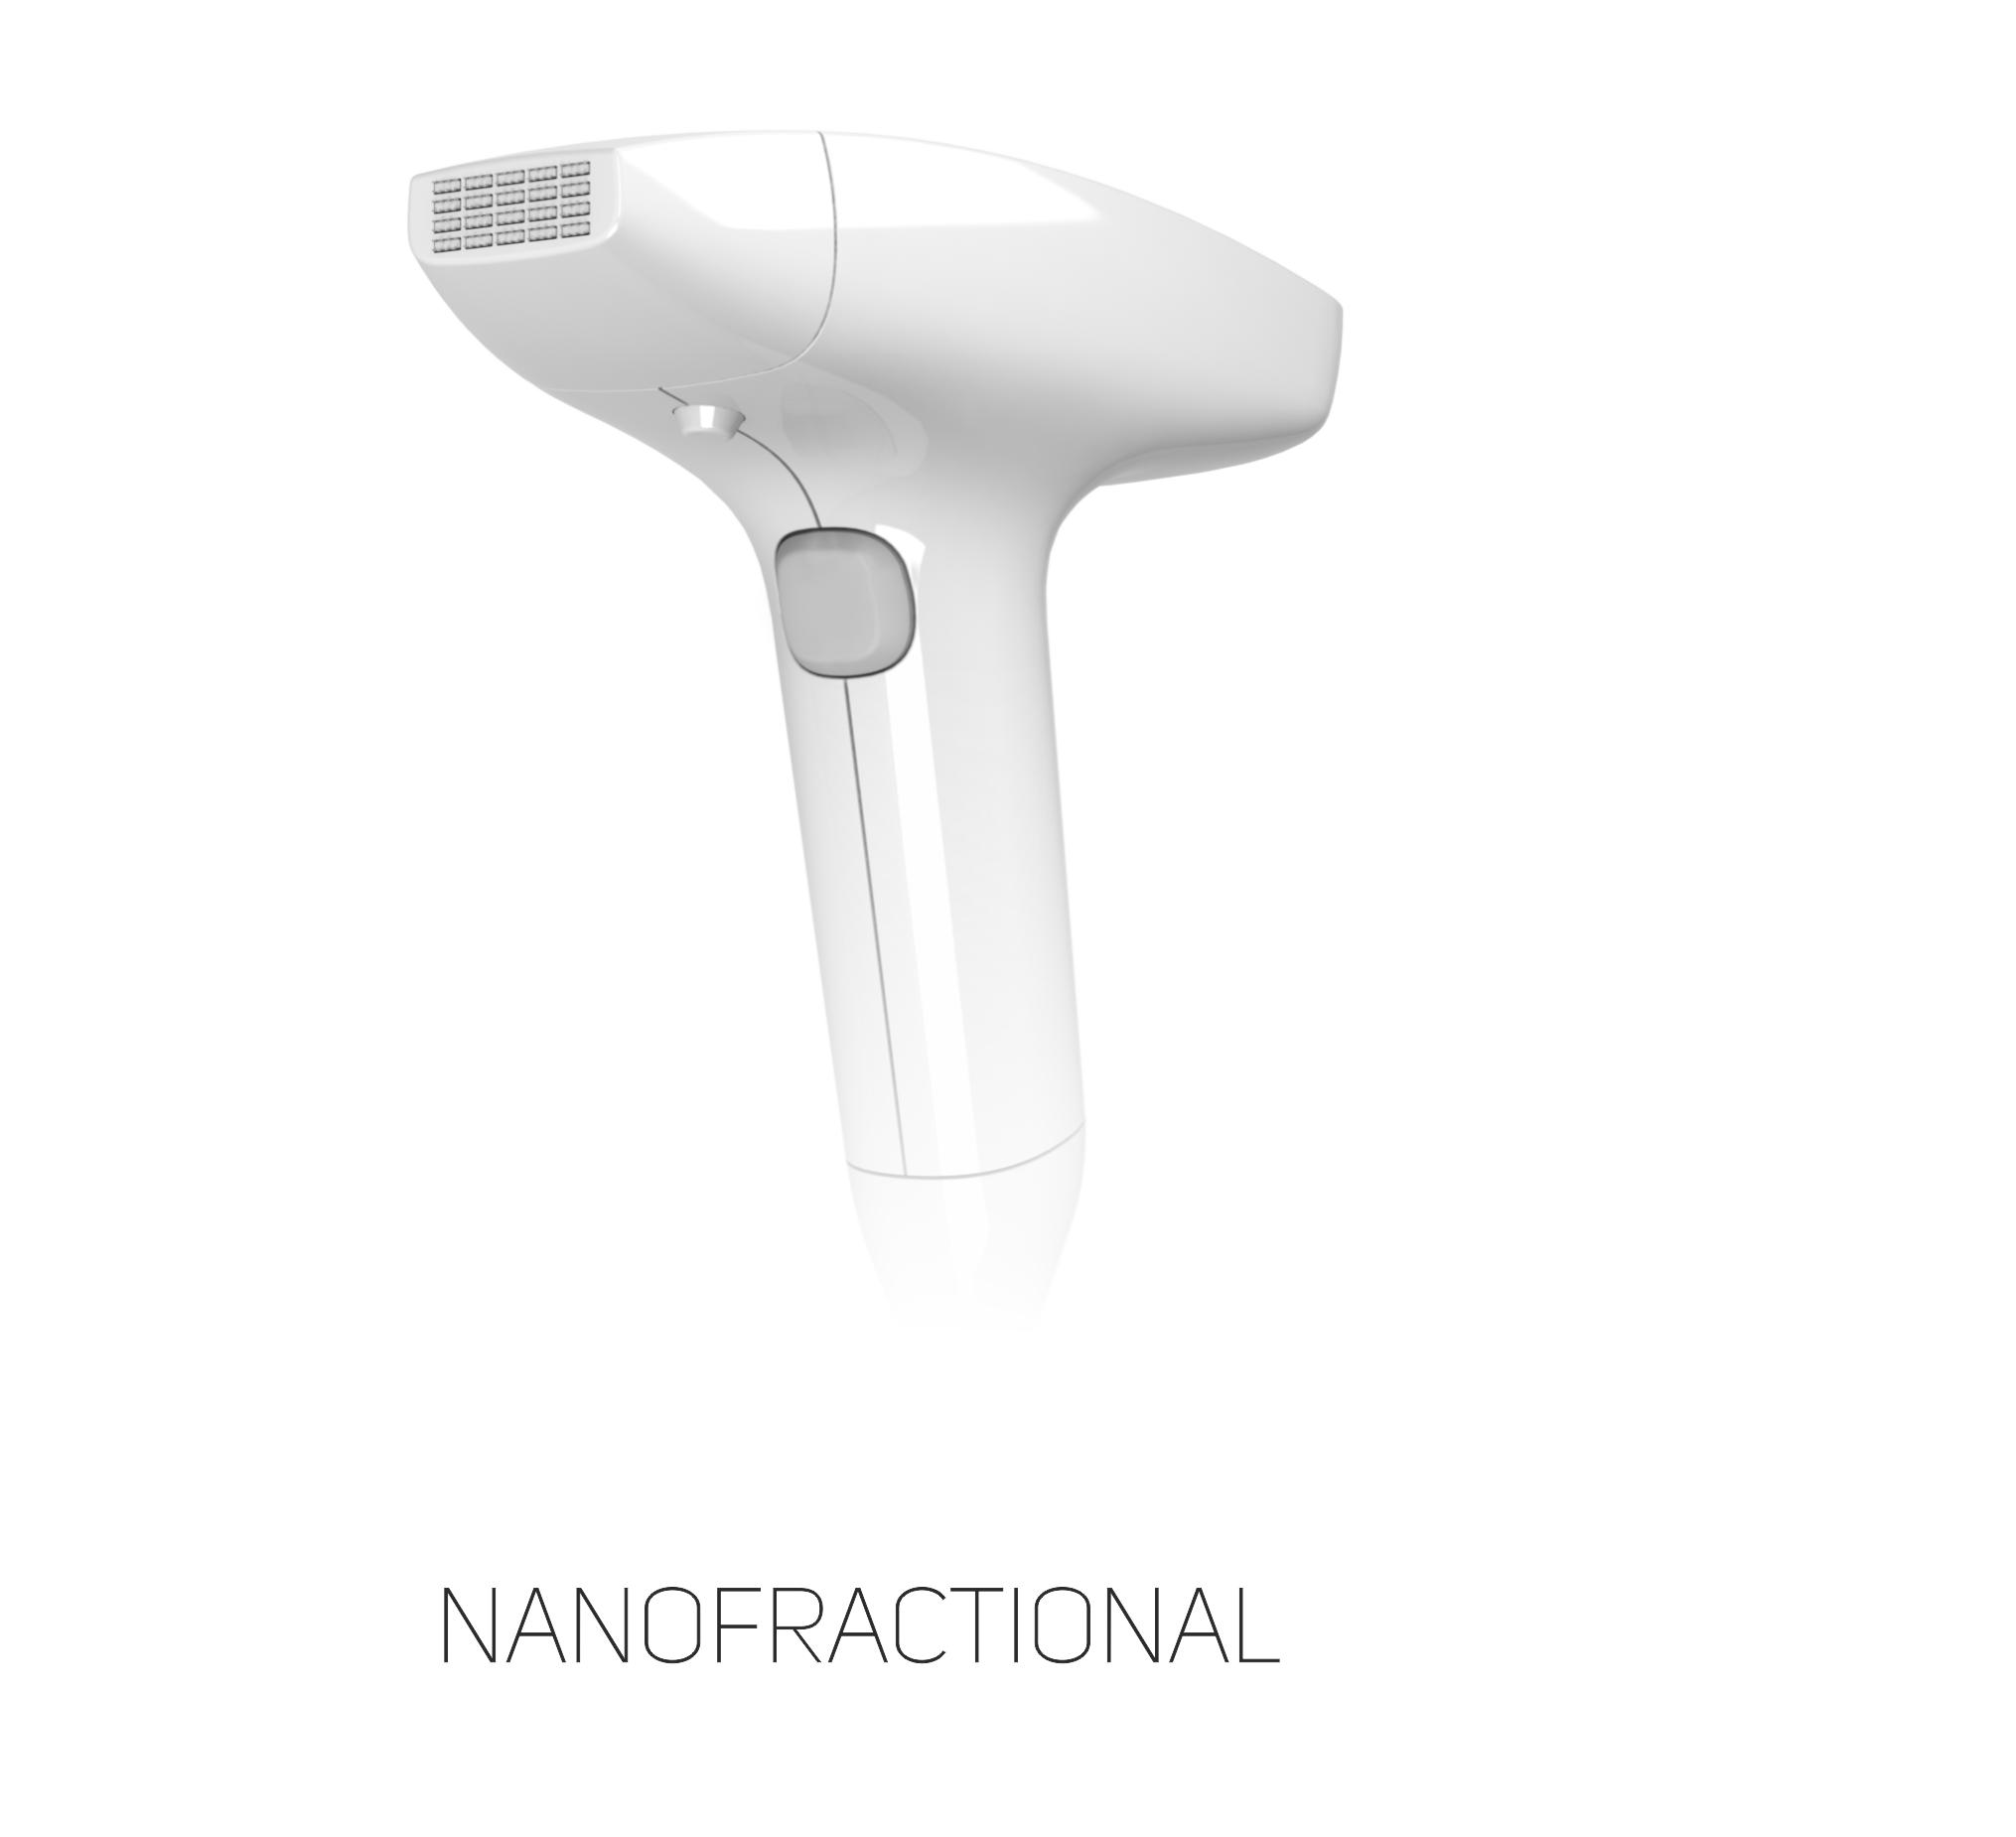 Nanofrakční Radiová frekvence aplikátor